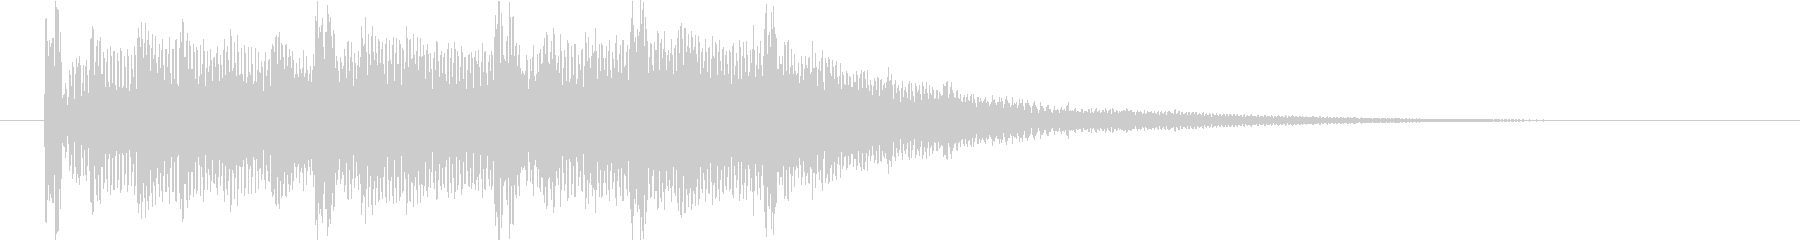 クリスタルデジタルな映像オープニングロゴの未再生の波形